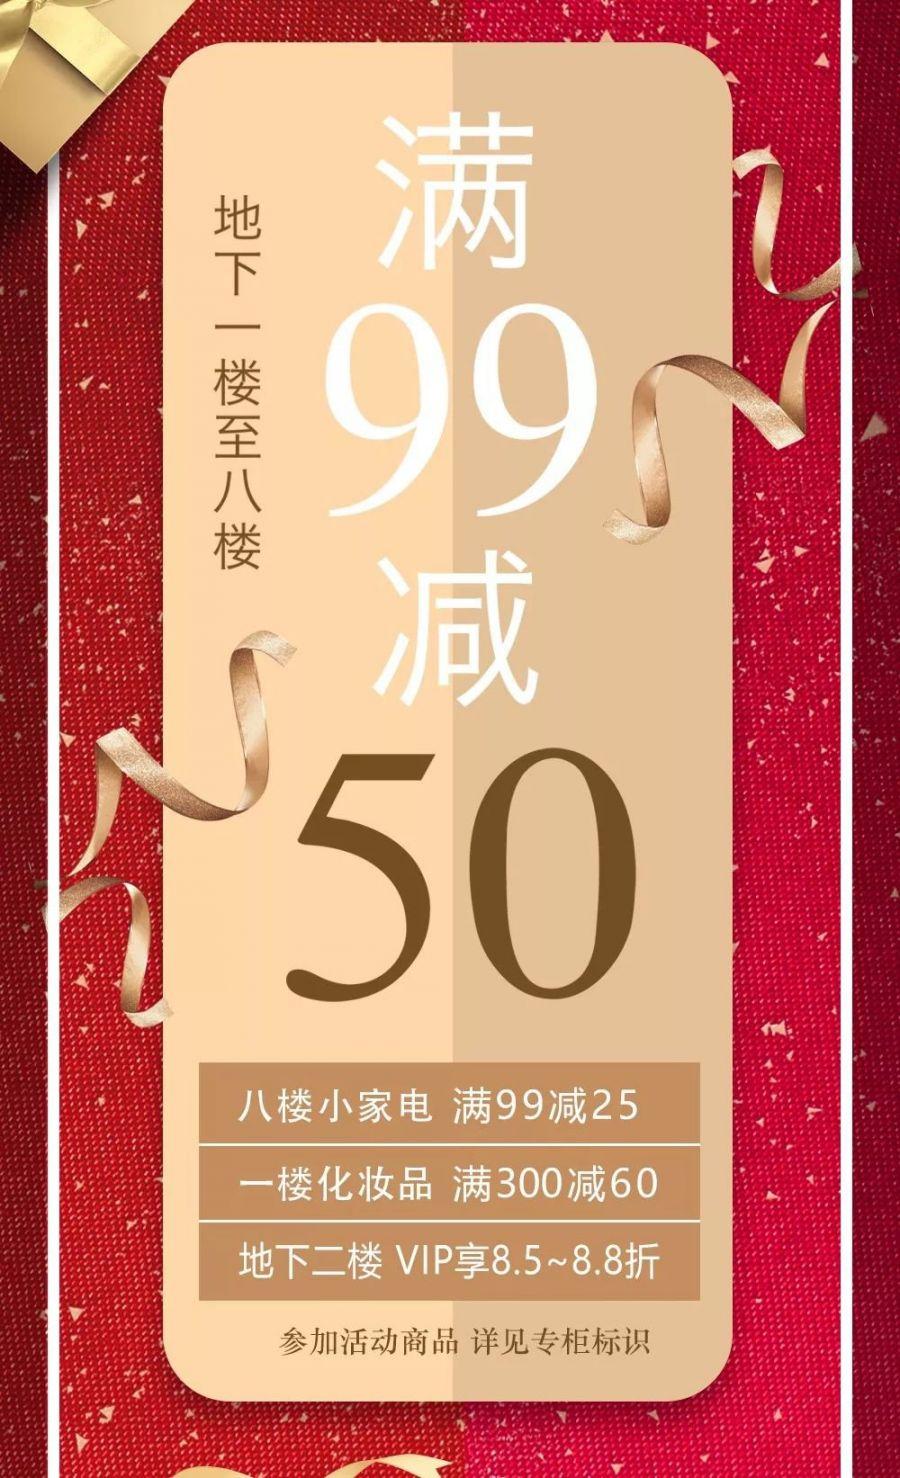 新葡新京置地广场感恩节特惠 化妆品满300减60